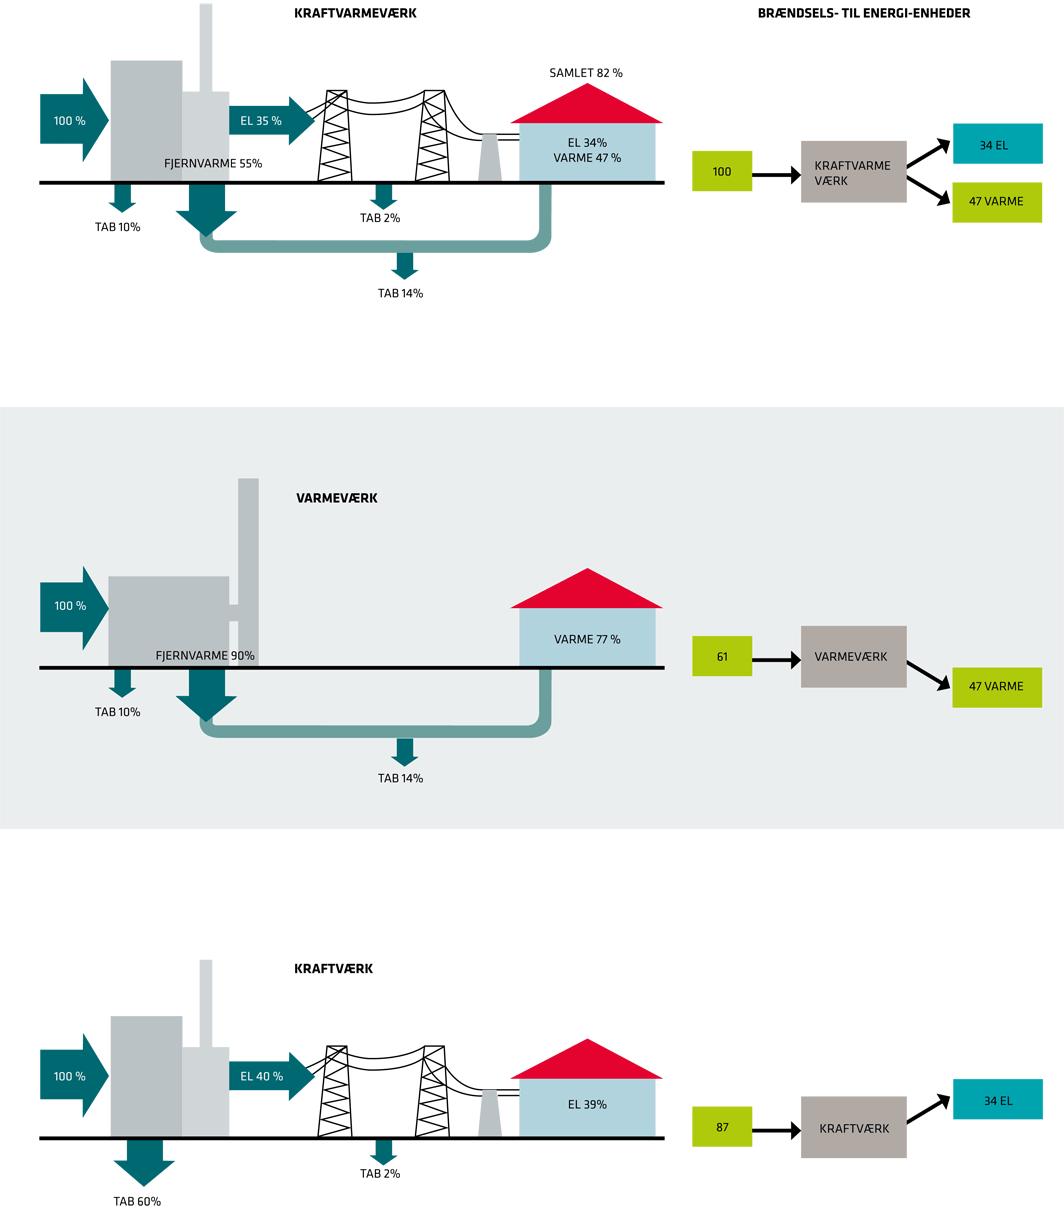 Forbrænding på kraftvarmeværk, varmeværk og kraftværk